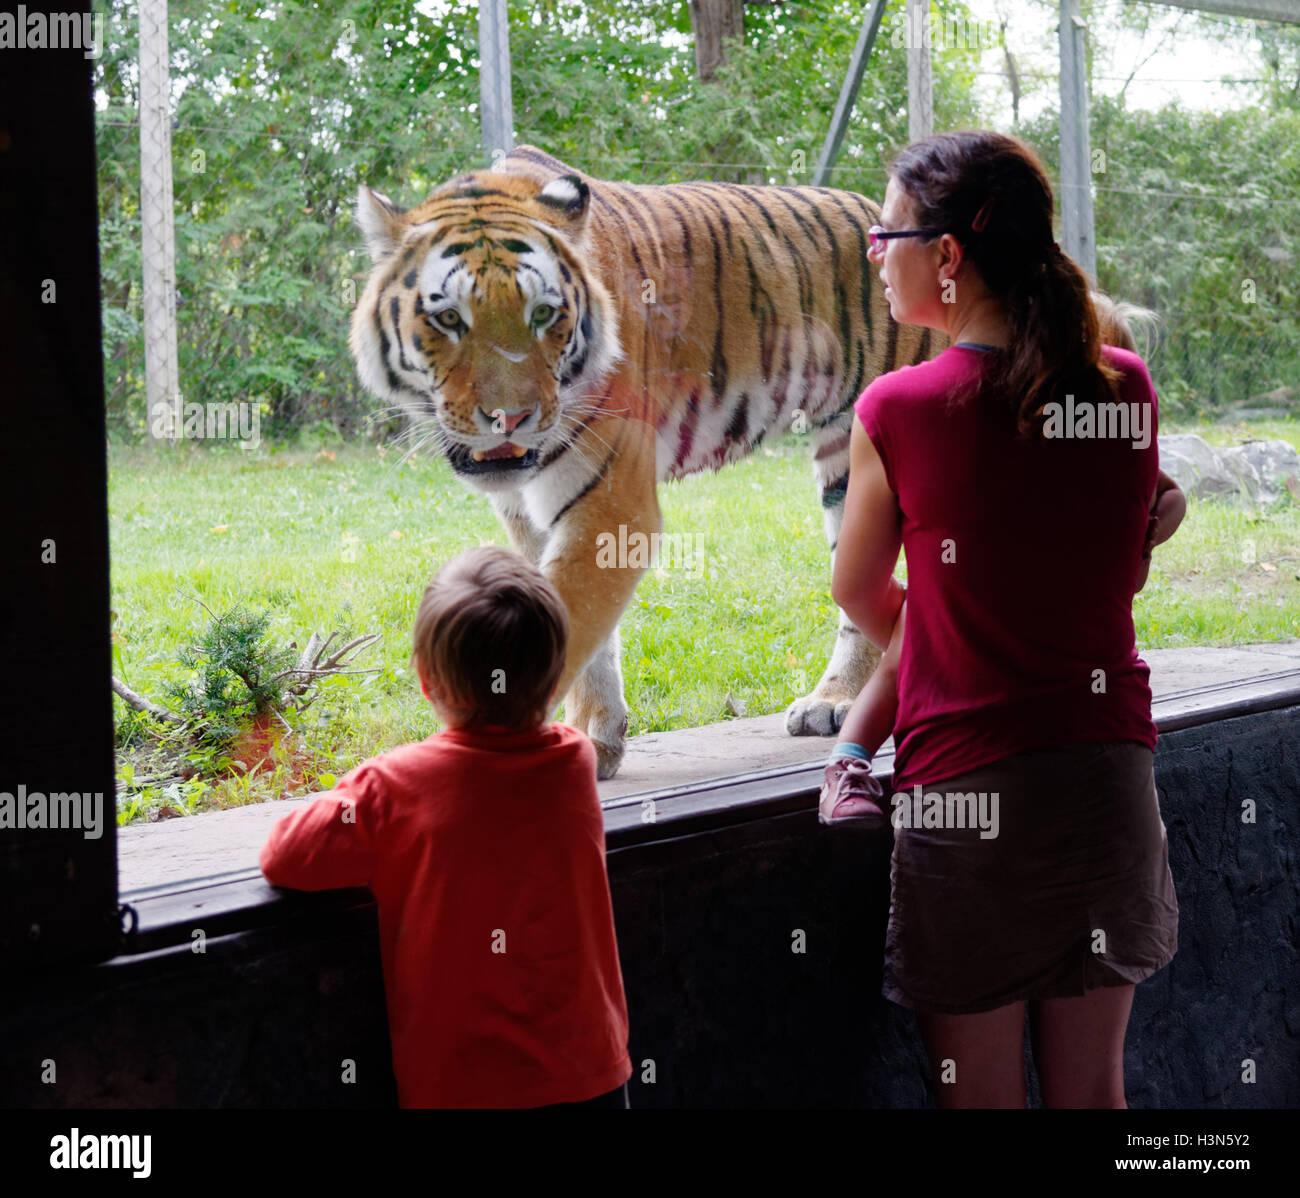 La tigre siberiana di Granby Zoo guardando la gente dietro il vetro, Quebec, Canada Immagini Stock